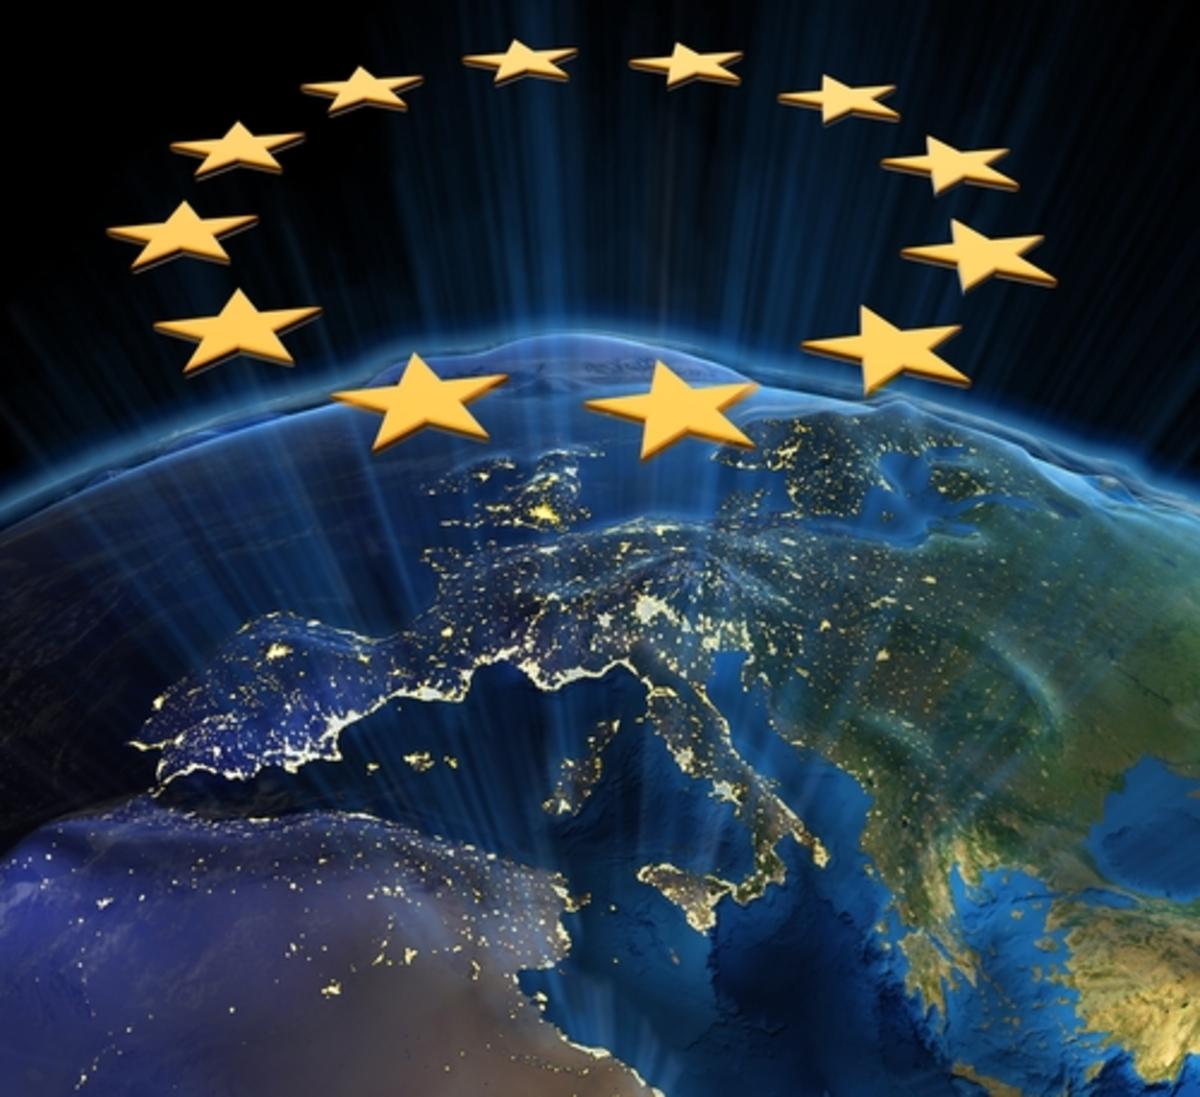 Η Σύνοδος γεννάει Ηνωμένες Πολιτείες της Ευρώπης;   Newsit.gr